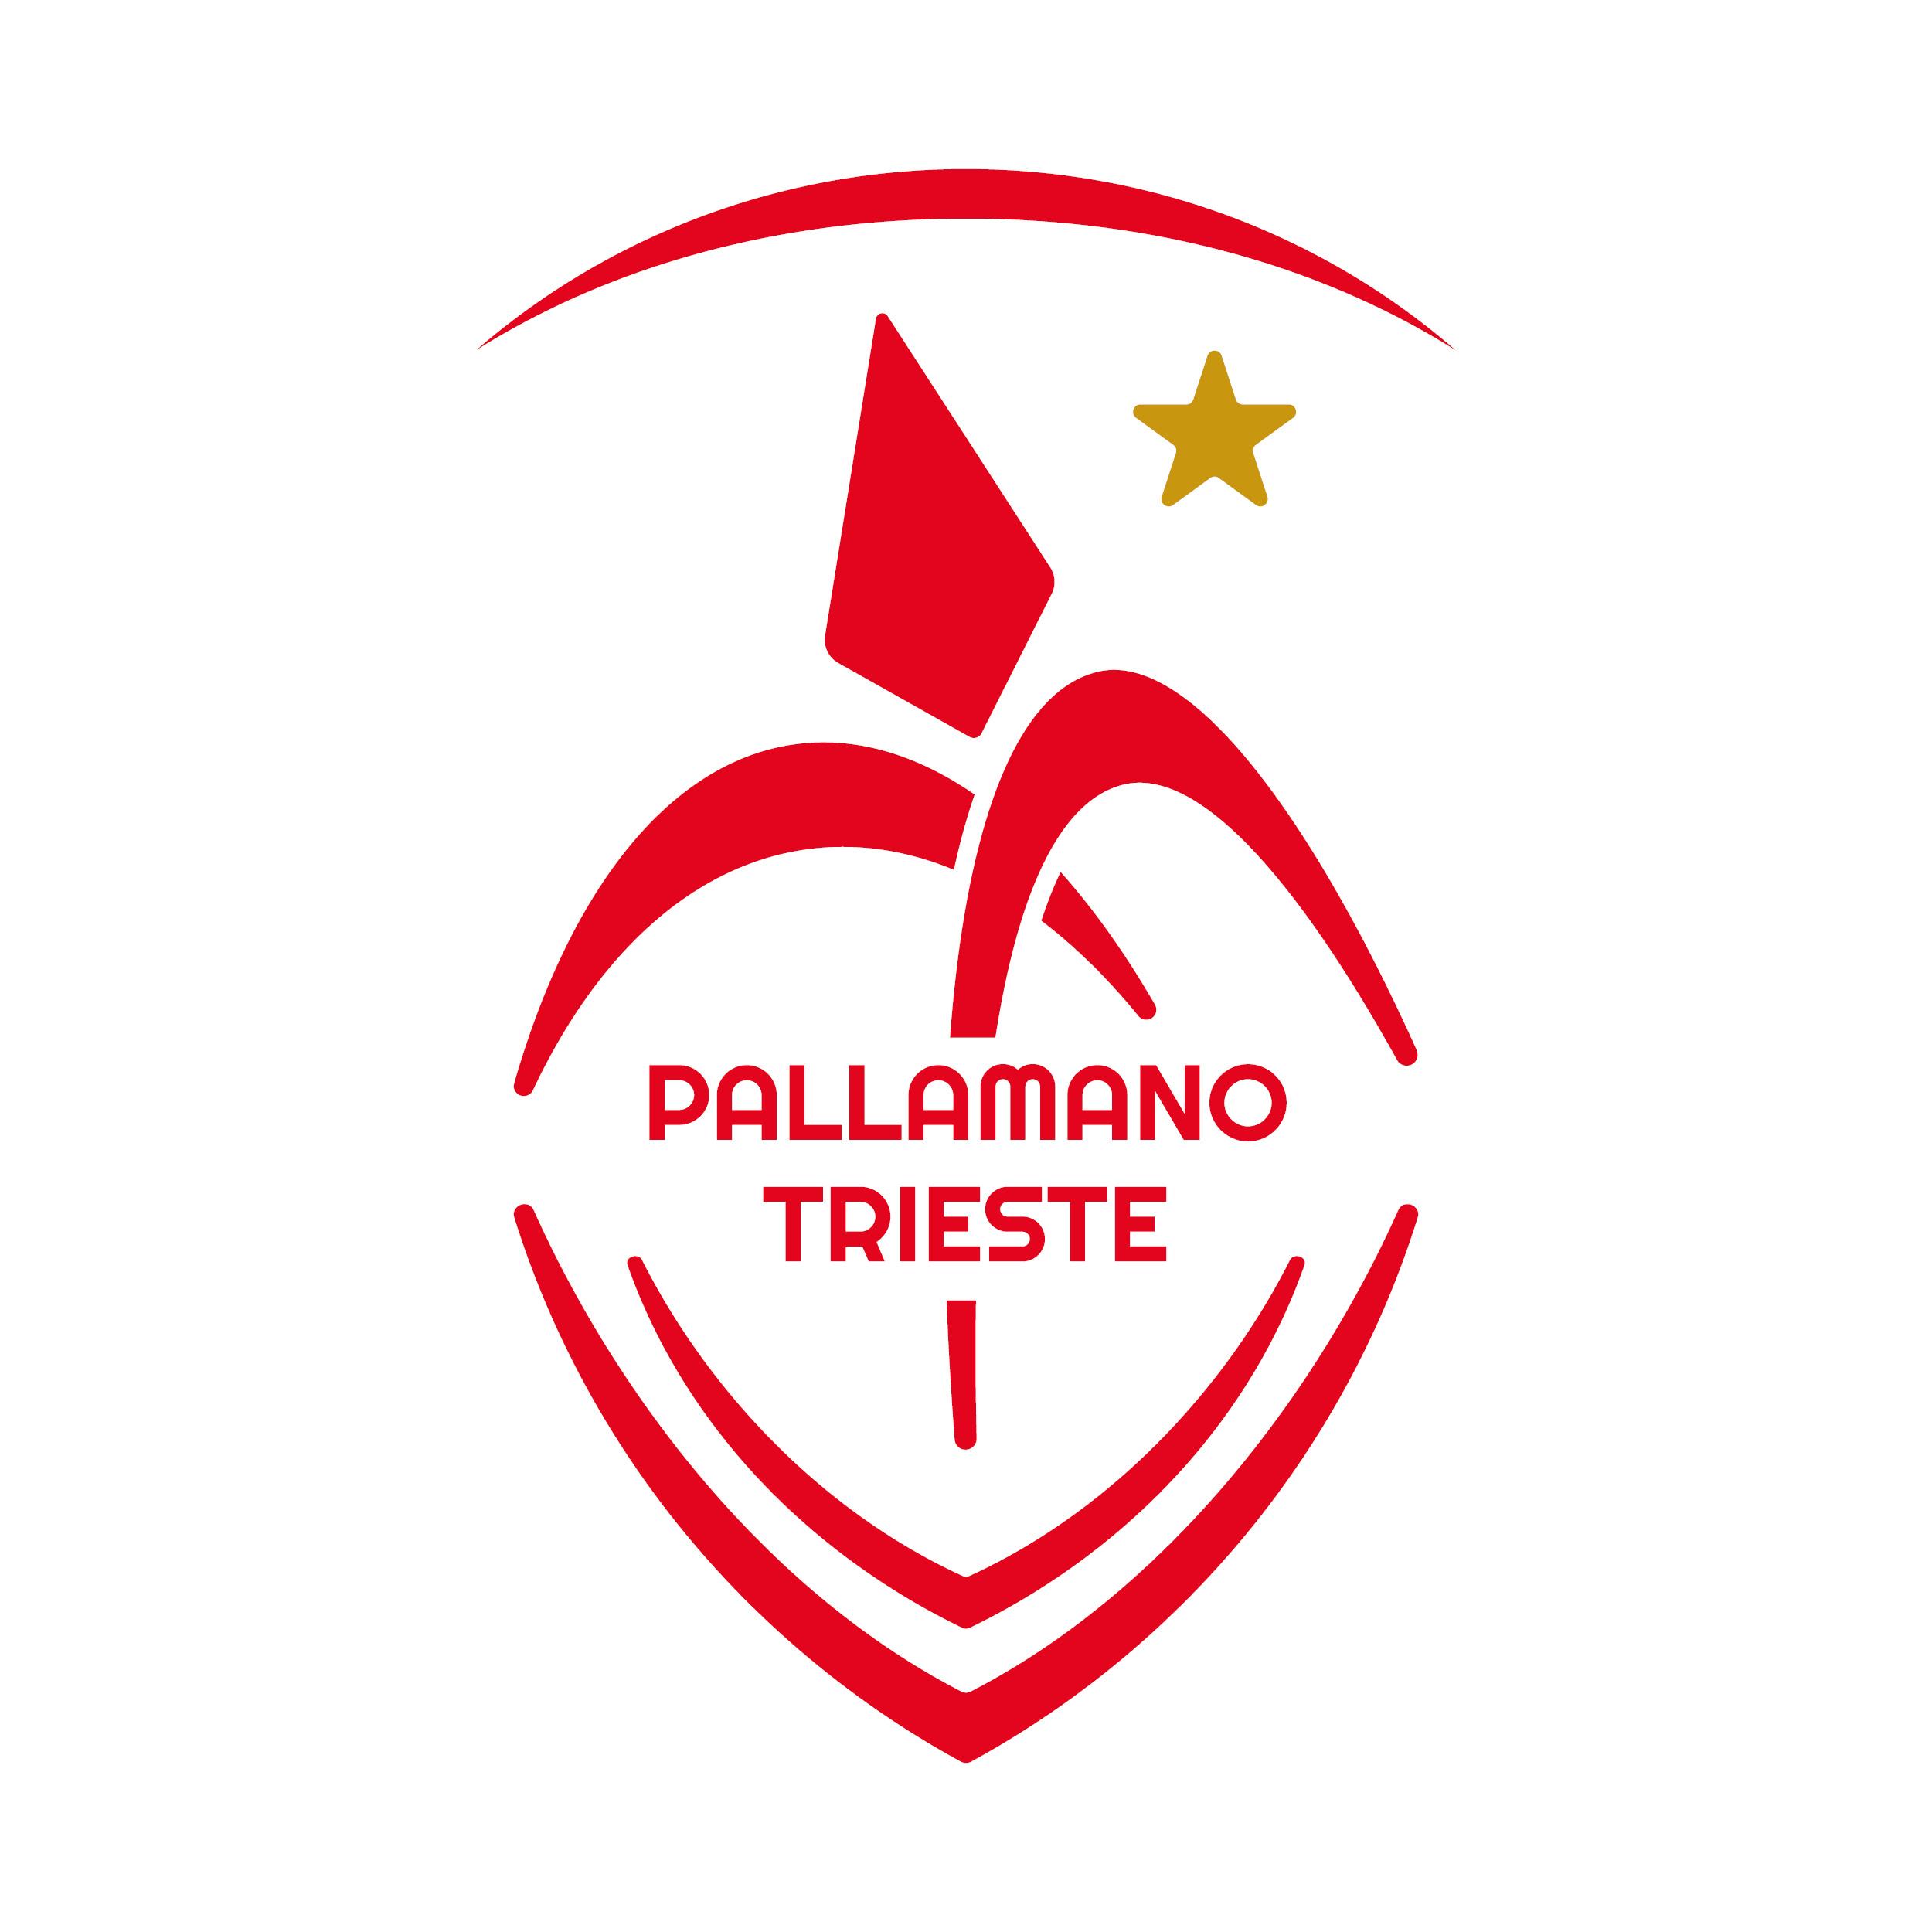 Pallamano Trieste - La Pallamano Trieste è la principale società di pallamano della città di Trieste e fu fondata nel novembre del 1970 con la denominazione U.S. ACLI Pallamano Trieste dal professor Giuseppe Lo Duca.Militante attualmente in Serie A - 1ª Divisione Nazionale (la prima serie nazionale), detentrice di 17 campionati nazionali, 6 Coppe Italia e 1 Handball Trophy, che ne fanno il club più titolato della pallamano italiana.Disputa le proprie gare interne al Palasport di Chiarbola - Via Visinada 1 a Trieste.